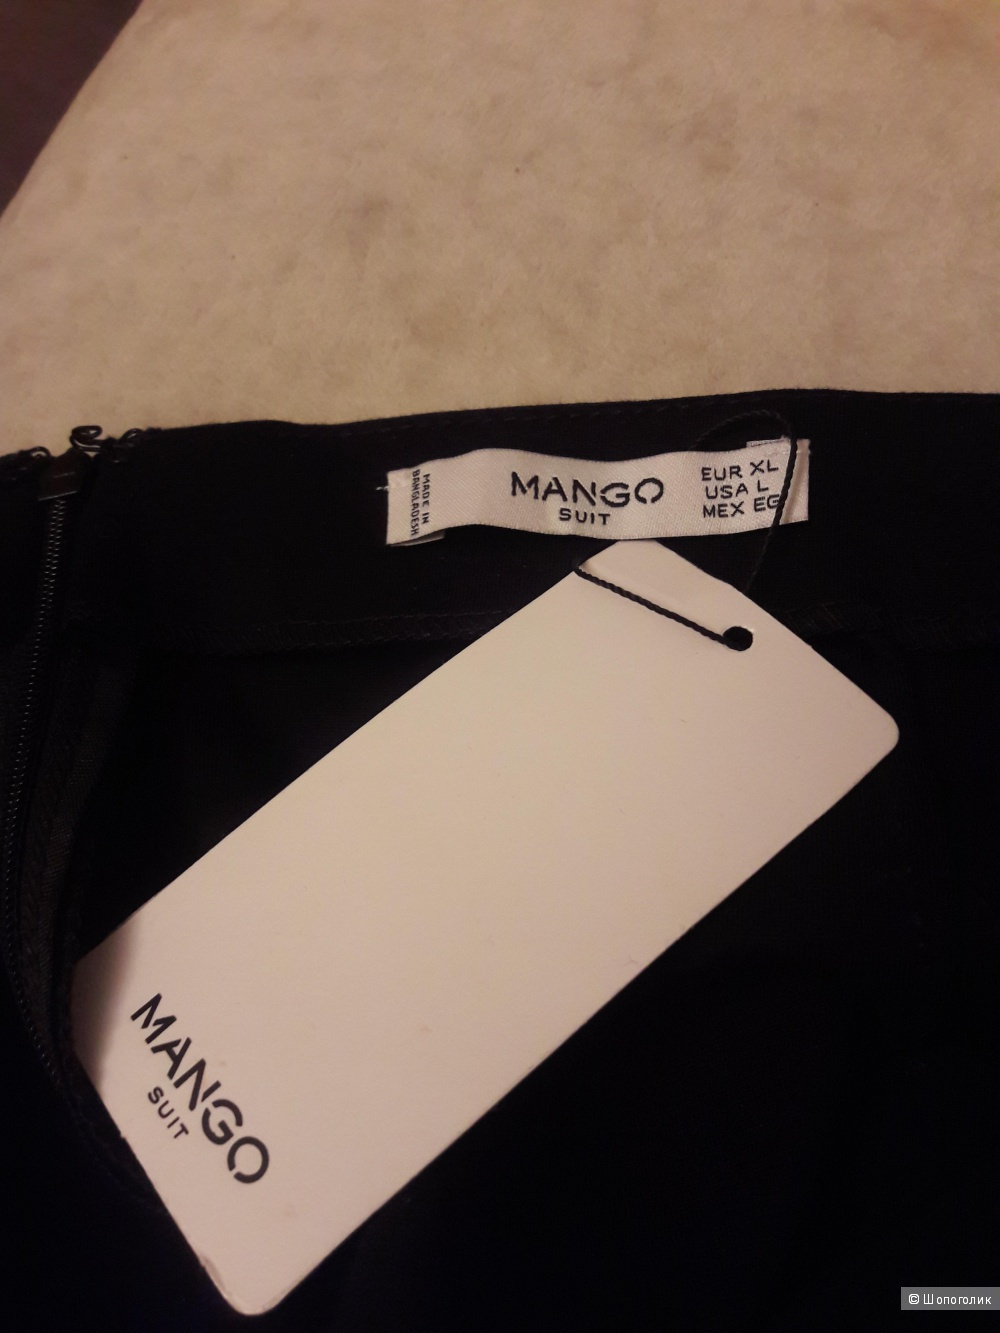 Юбка-карандаш, Mango suit, 48